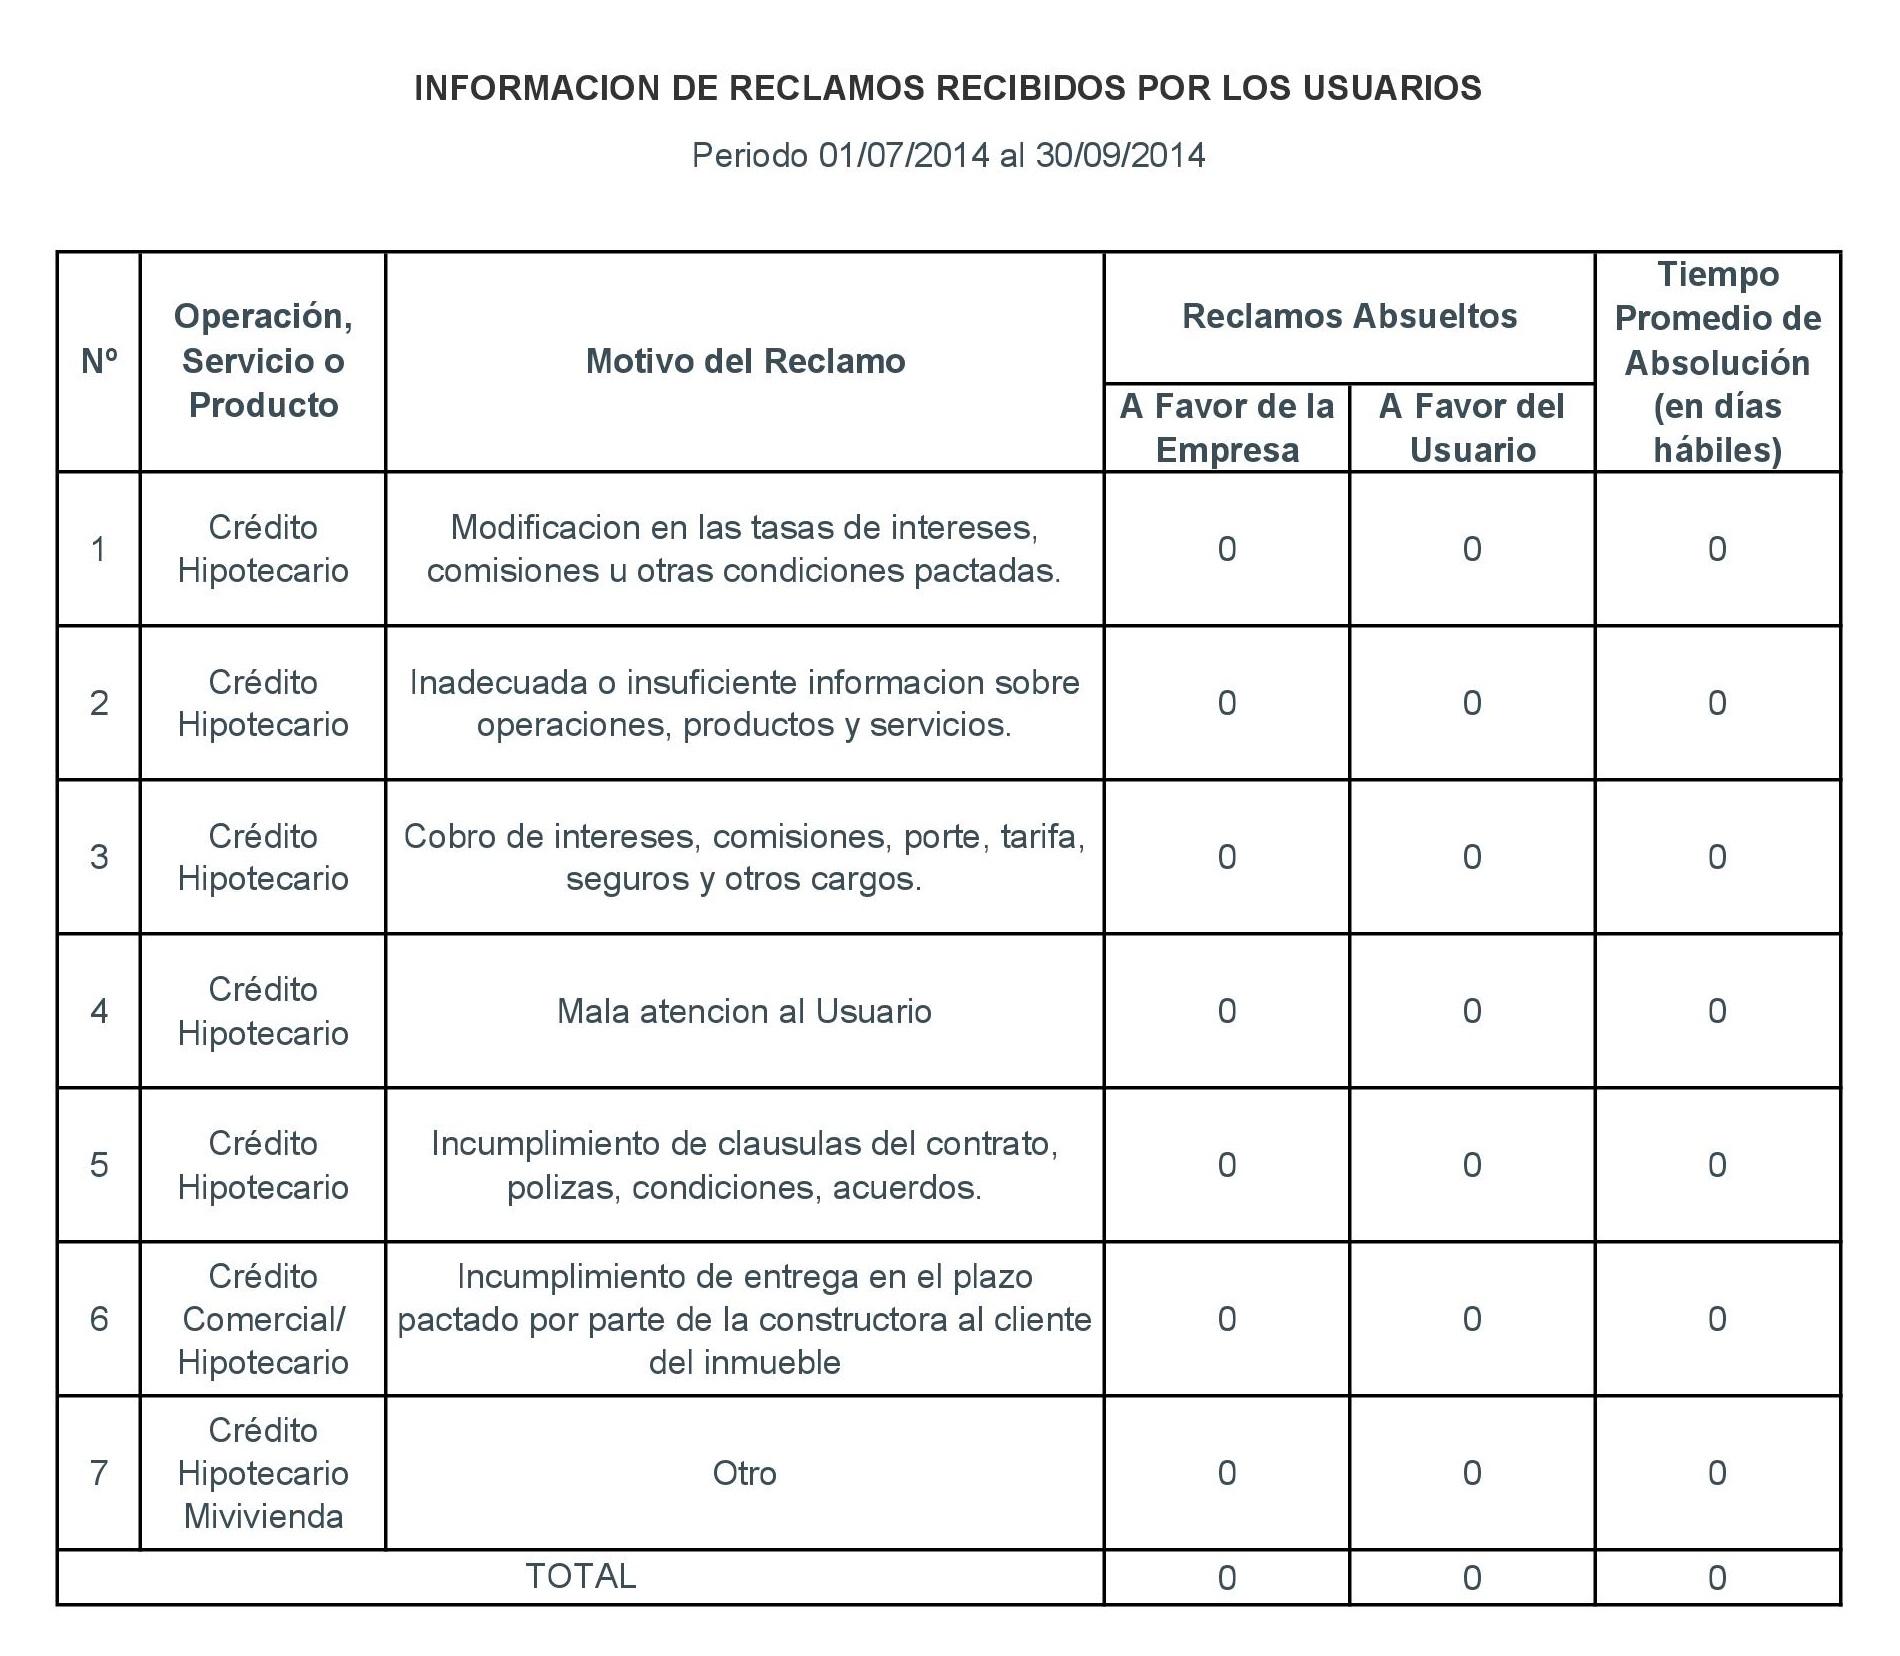 Periodo 01-07-2014 al 30-09-2014